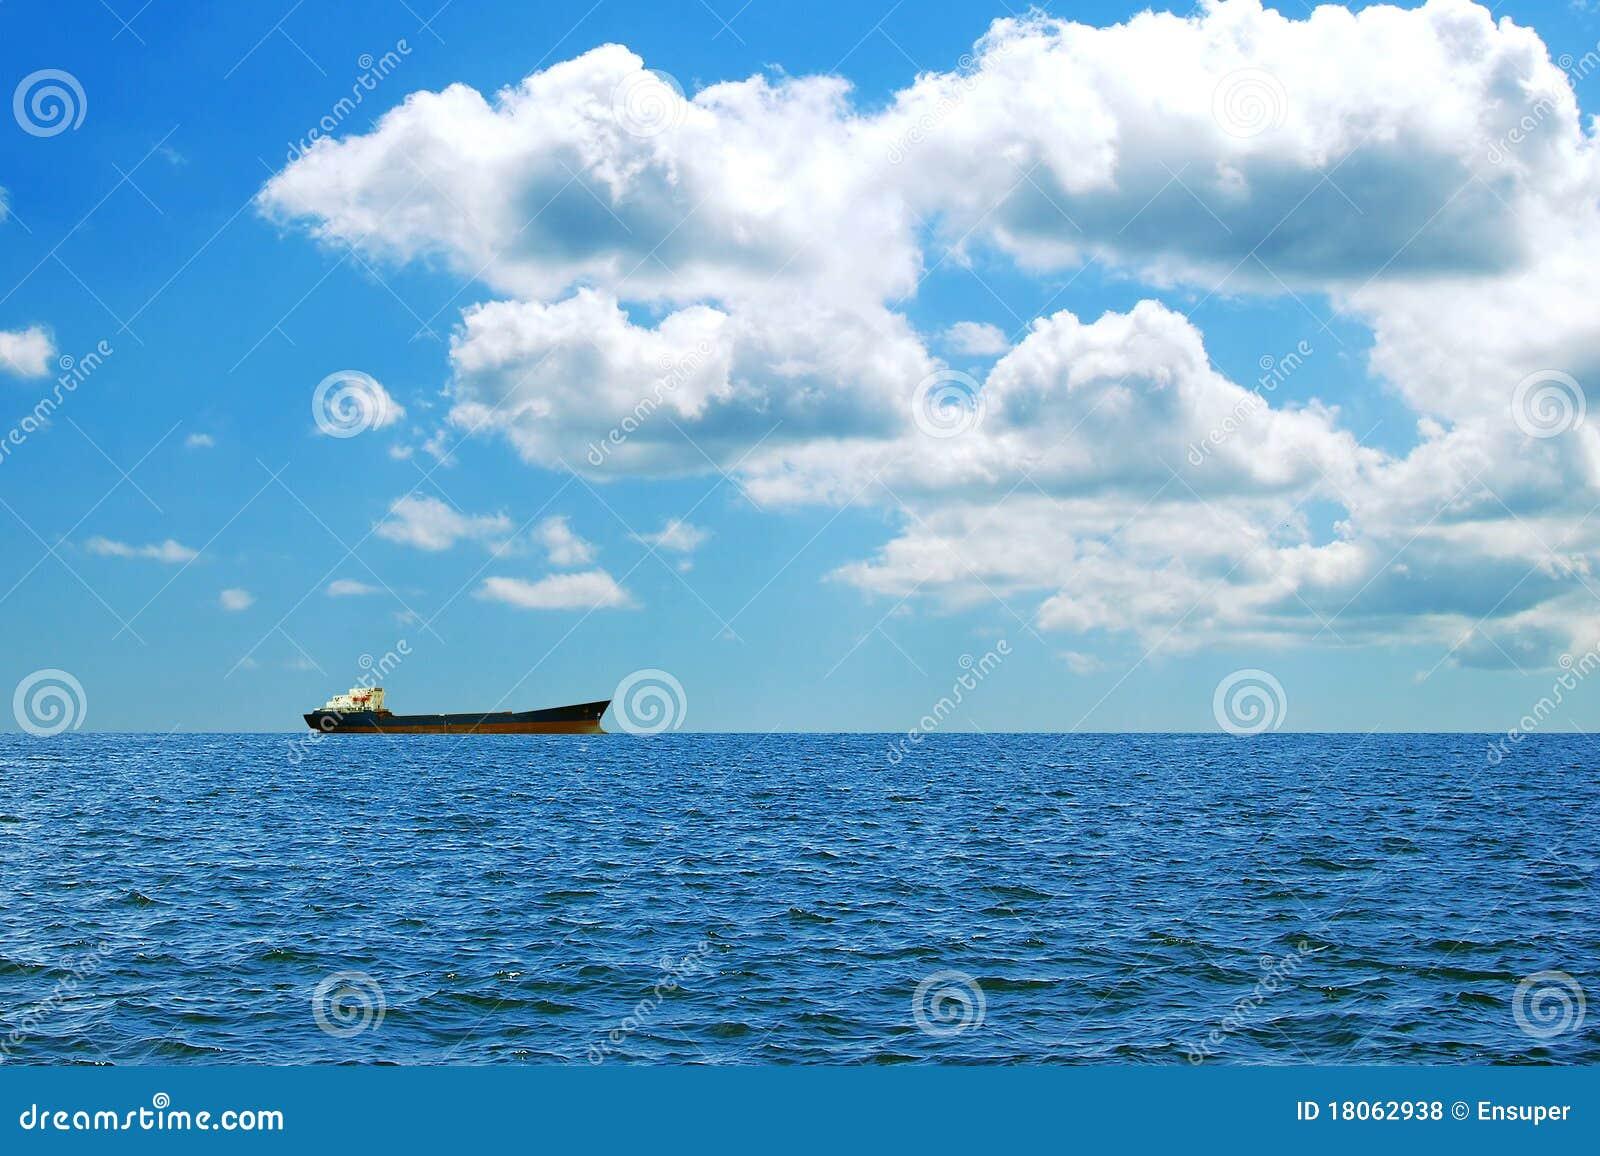 Een groot vrachtschip op zee